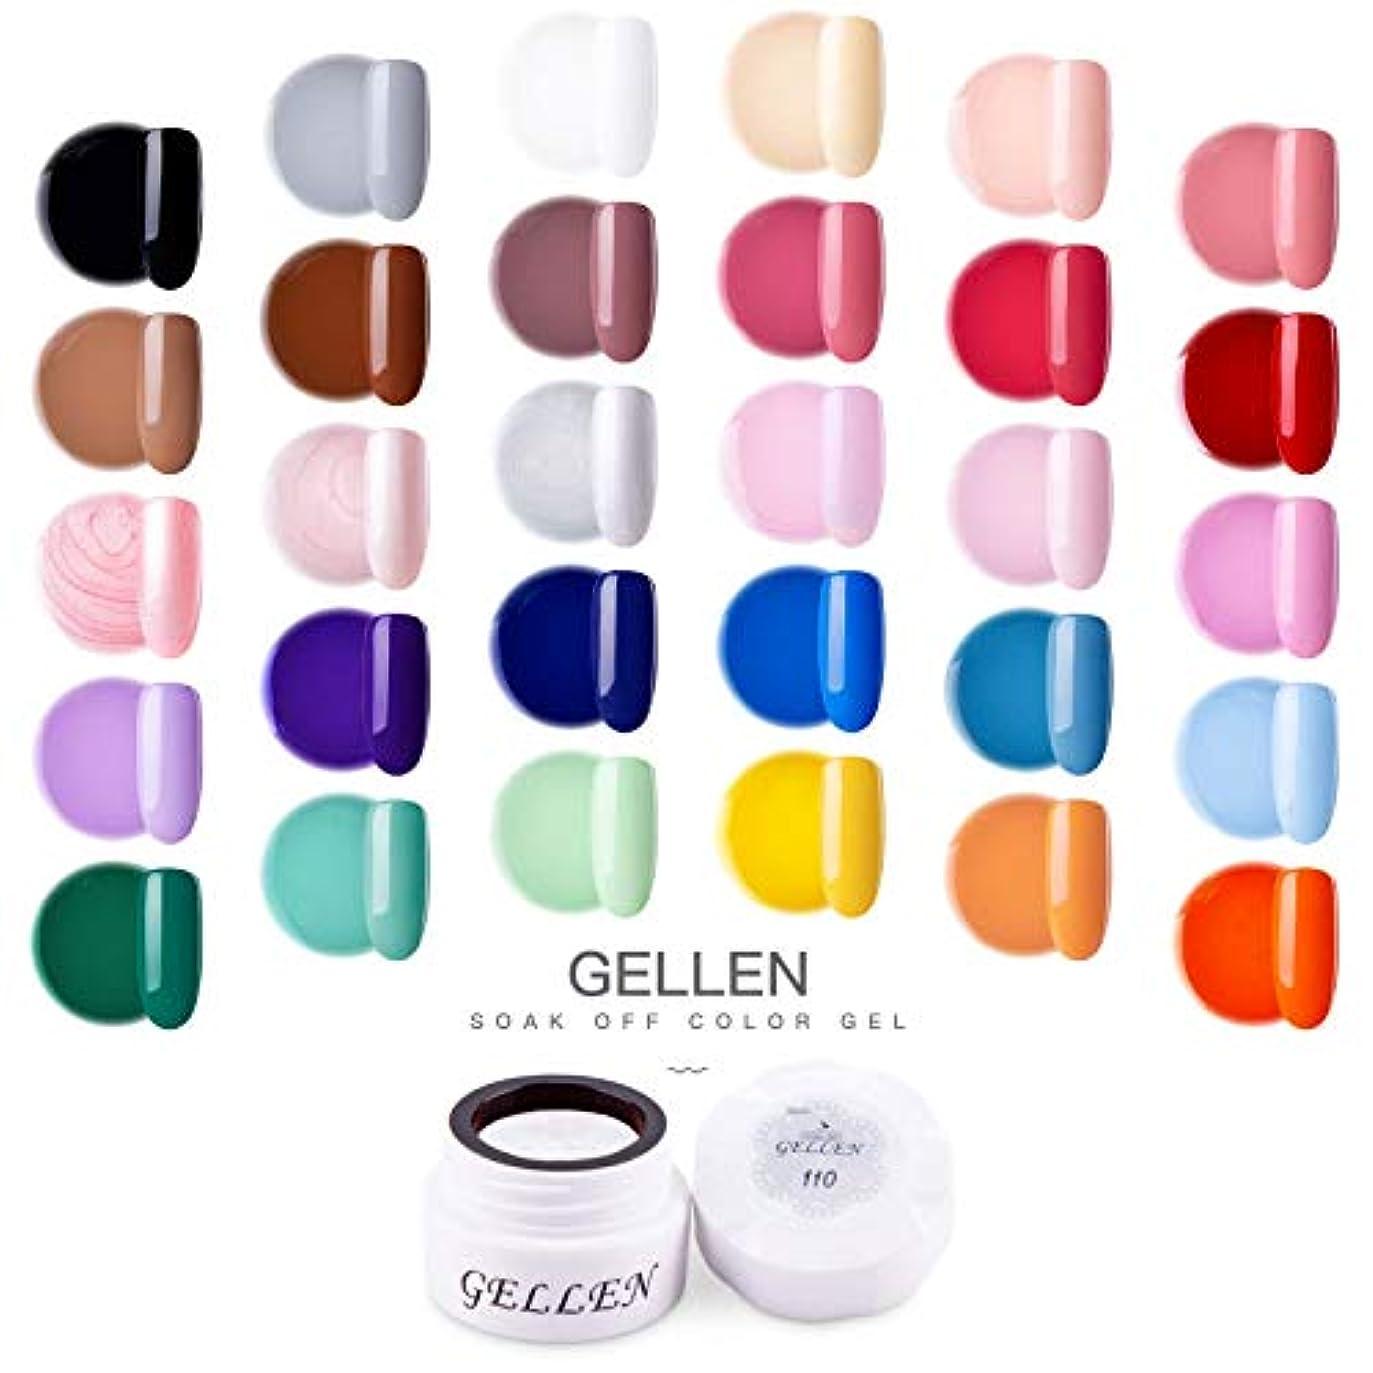 失敗引き受ける会うGellen カラージェル 30色定番カラー セット 高品質 5g ジェルネイル カラー ネイルブラシ付き